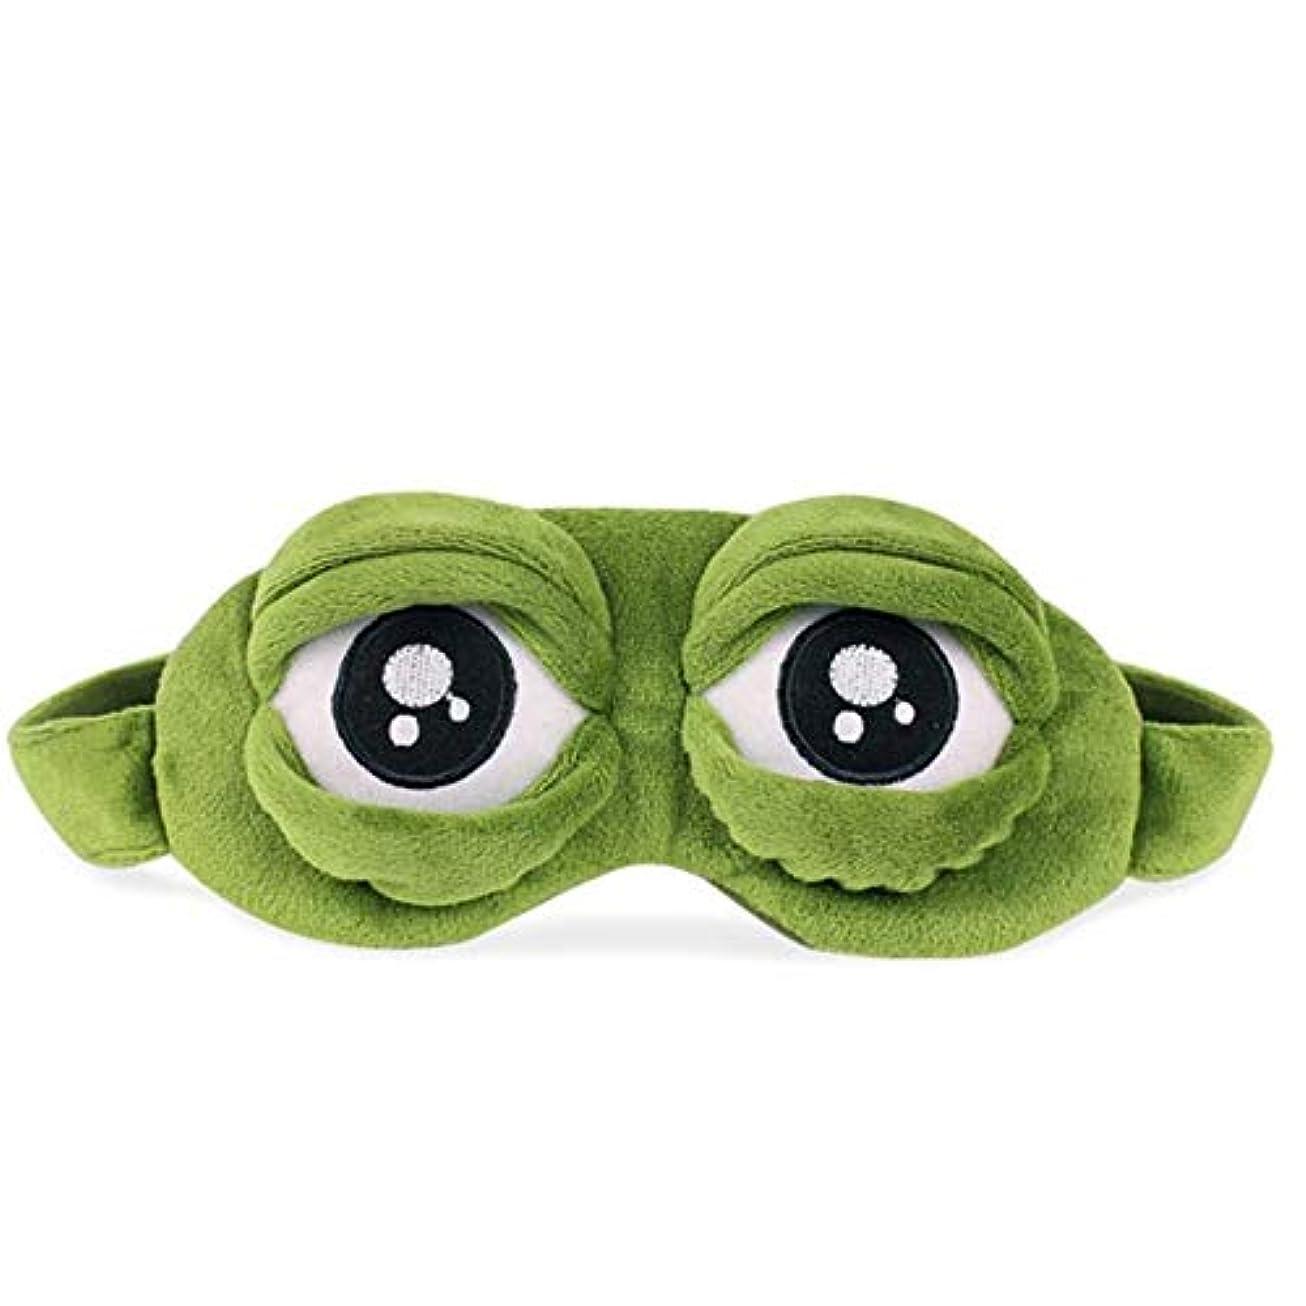 逆さまに国家切り刻むNOTE 新しいグリーンカエル漫画かわいい目のカバー悲しい3Dアイマスクカバー眠っている残りの睡眠アニメ面白いギフト眠っているアイマスク